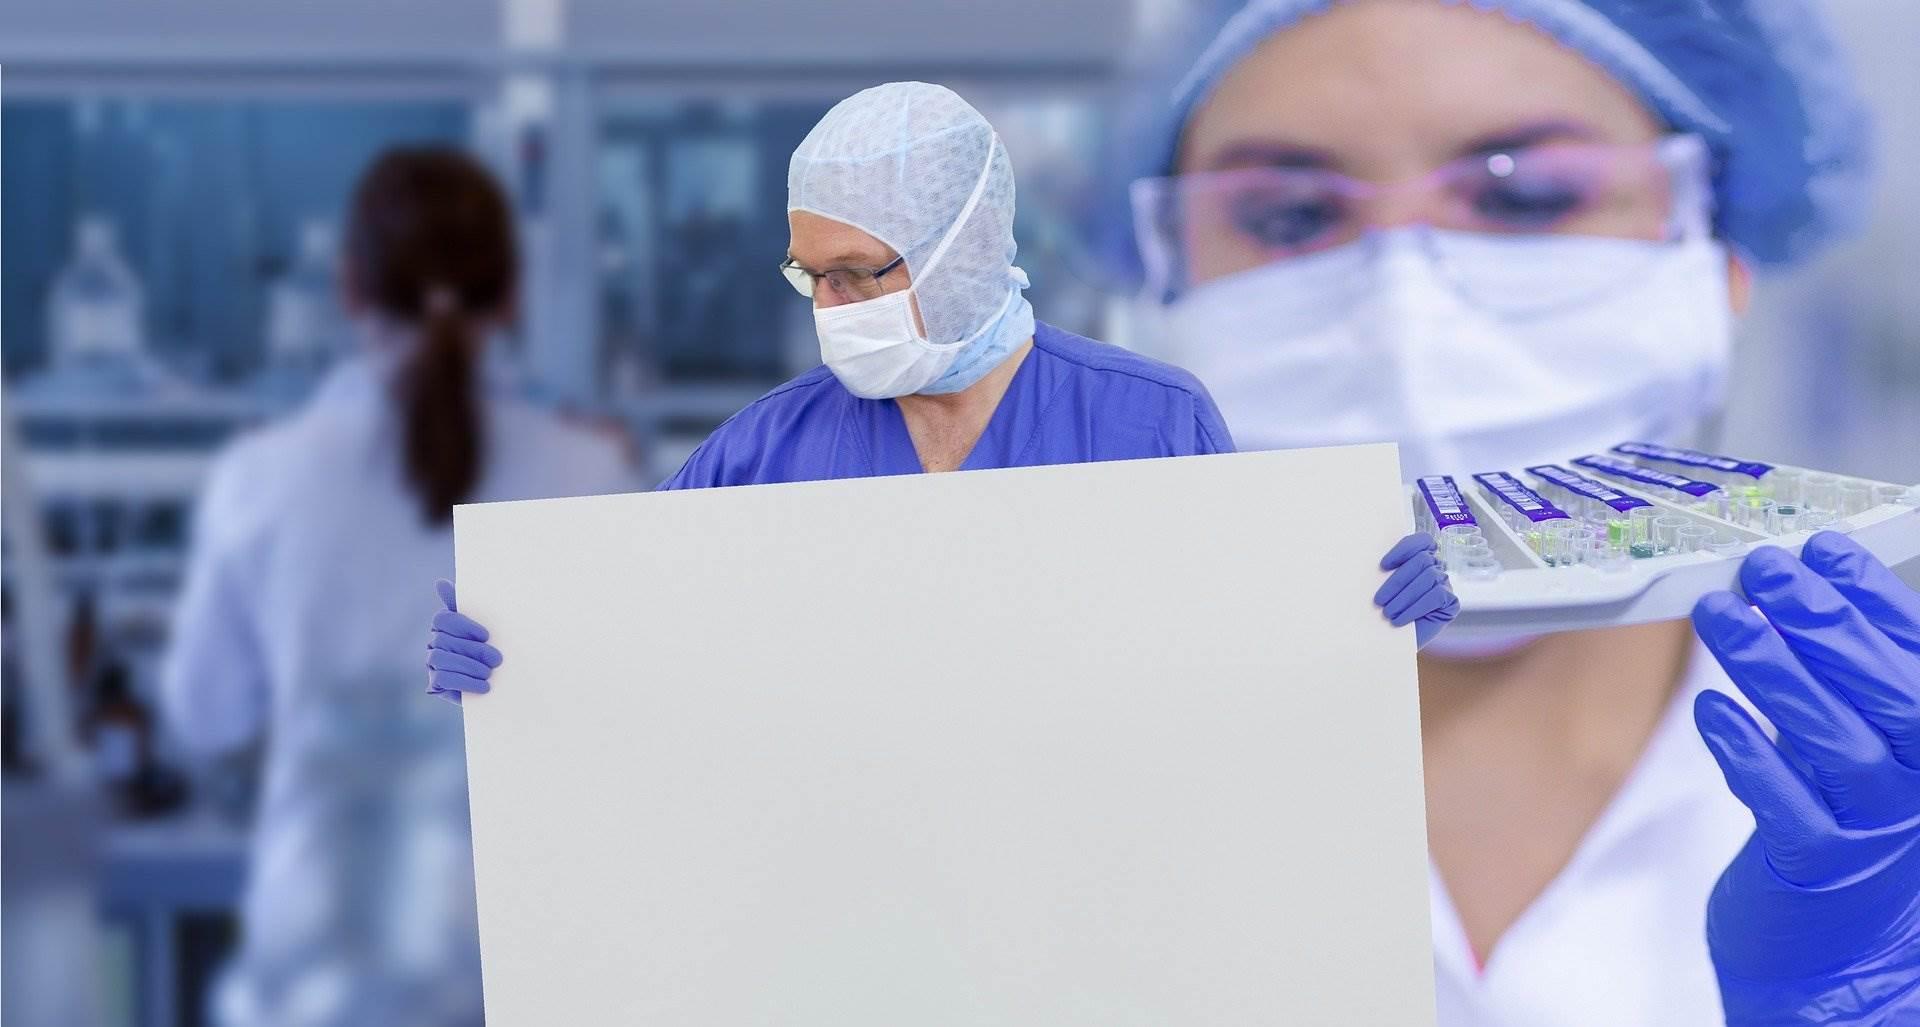 Četiri nova slučaja zaražena koronavirusom u Čitluku